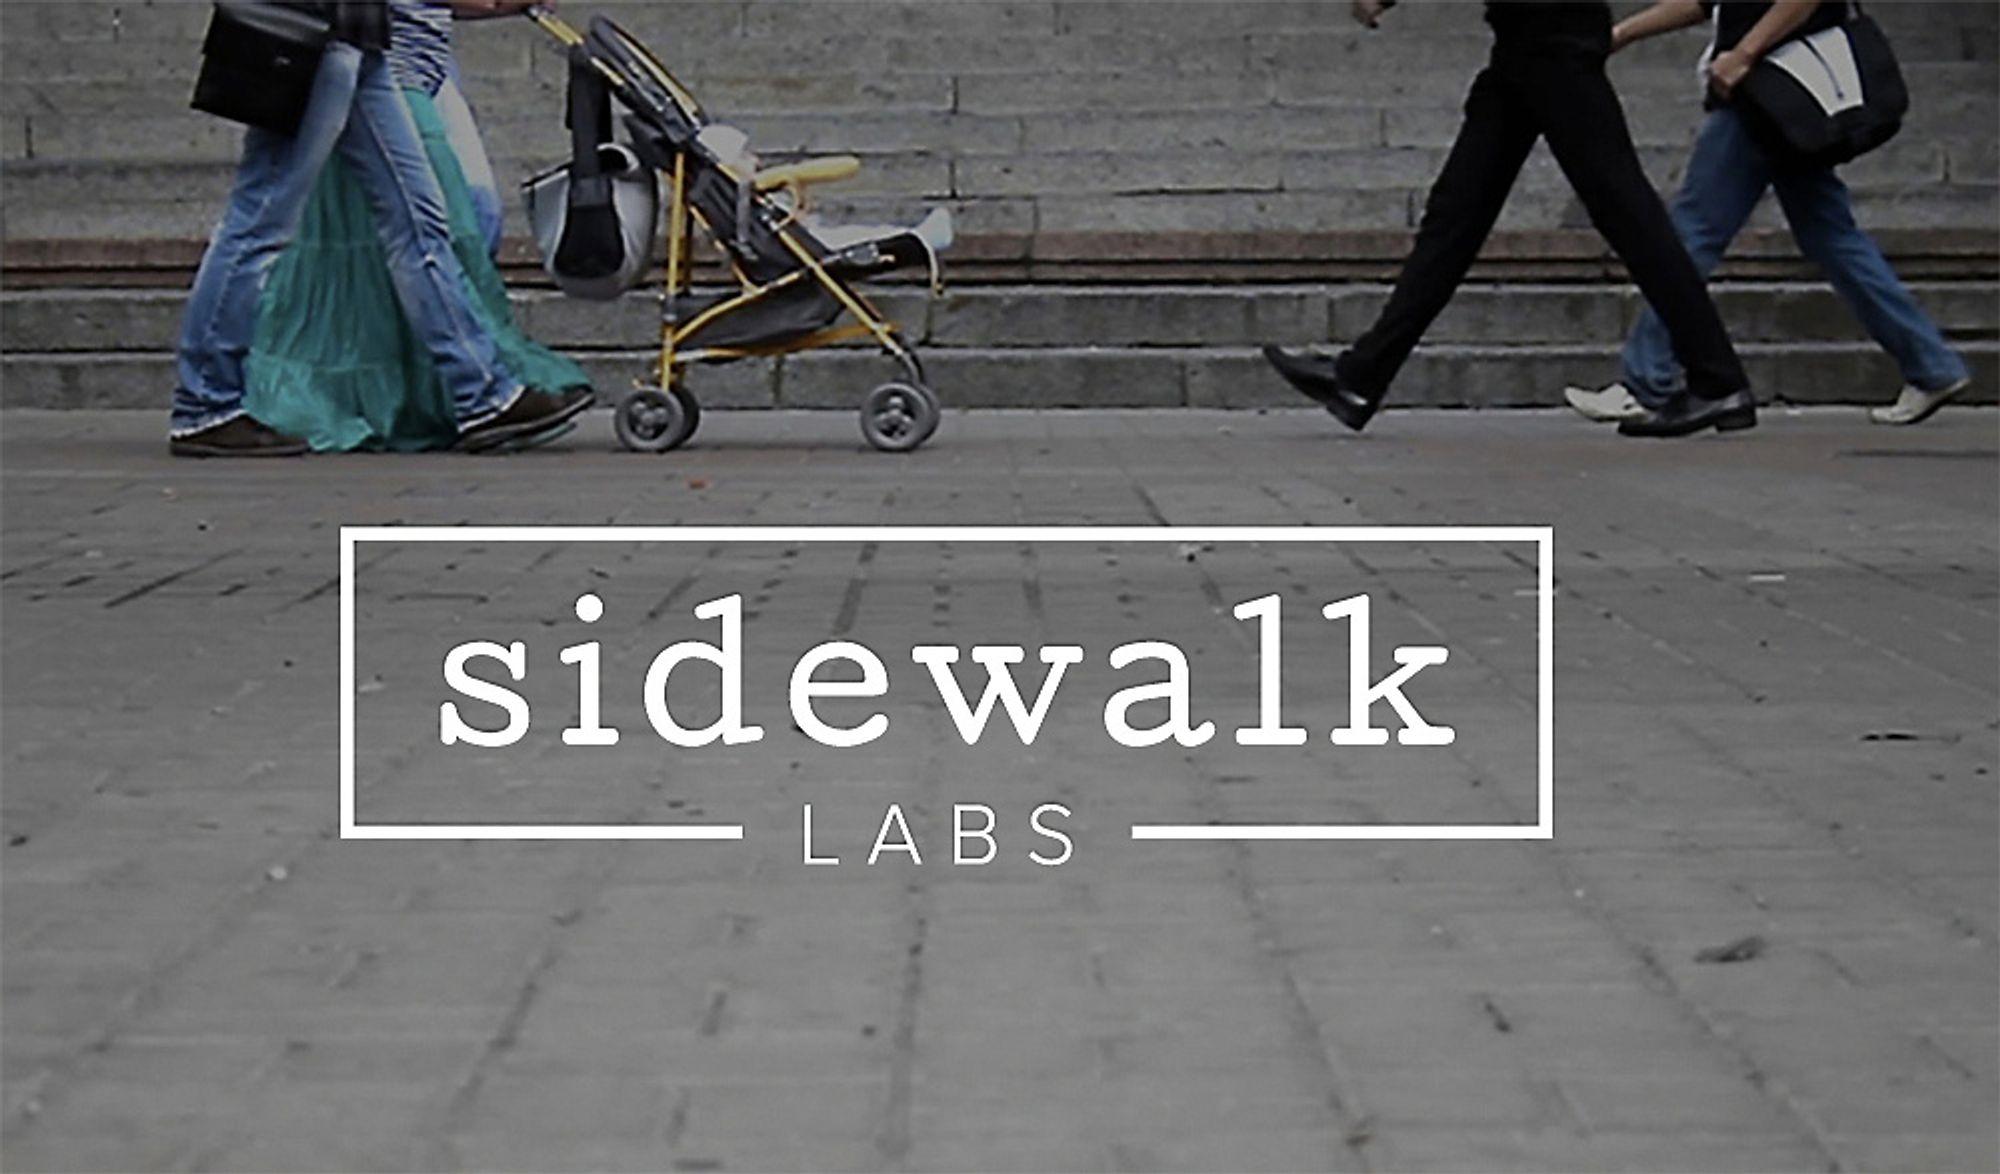 Sidewalk Labs er Googles nyeste datterselskap. Selskapet skal forske på og utvikle teknologier og produkter som skal kunne bidra til å forbedre livet i større byer.